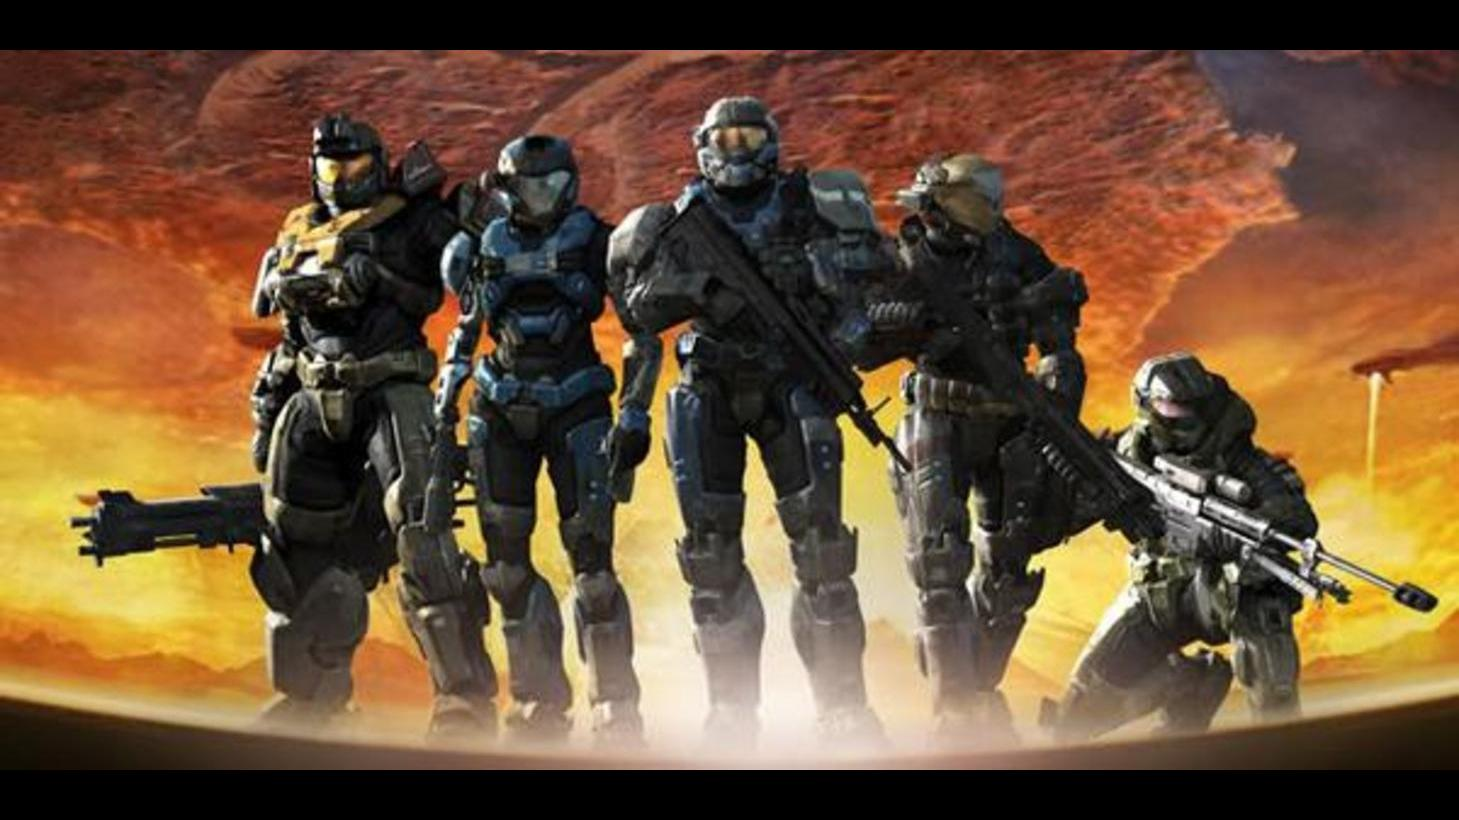 Thumbnail for version as of 20:45, September 14, 2012